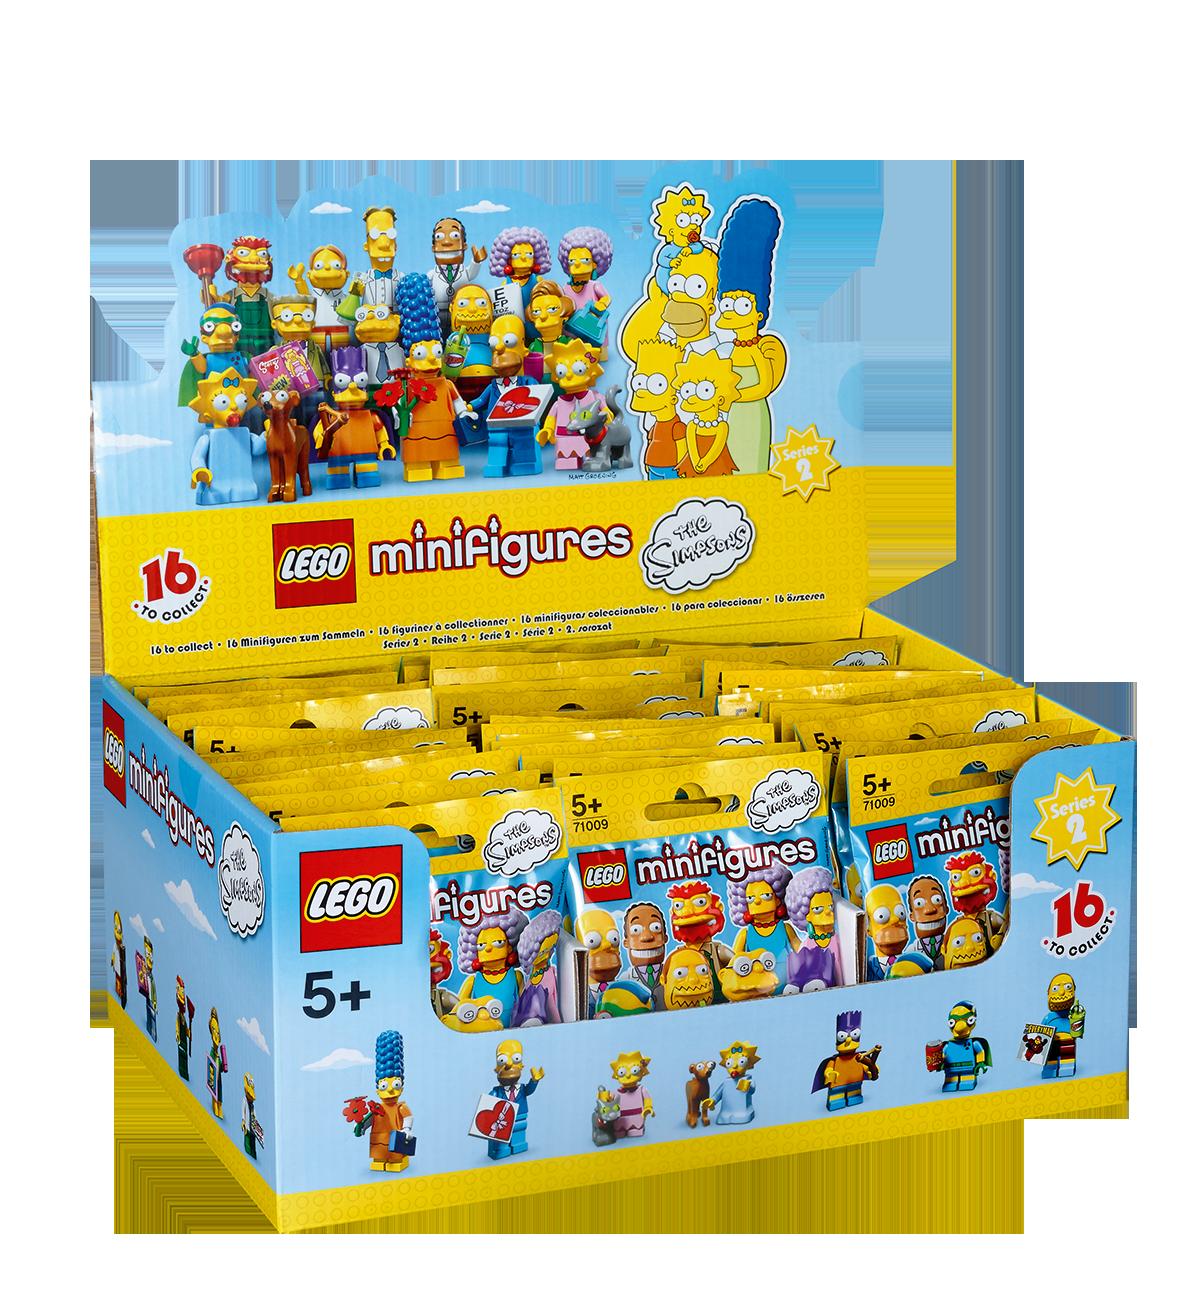 71009 Minifigures The Simpsons Serie 2 Brickipedia